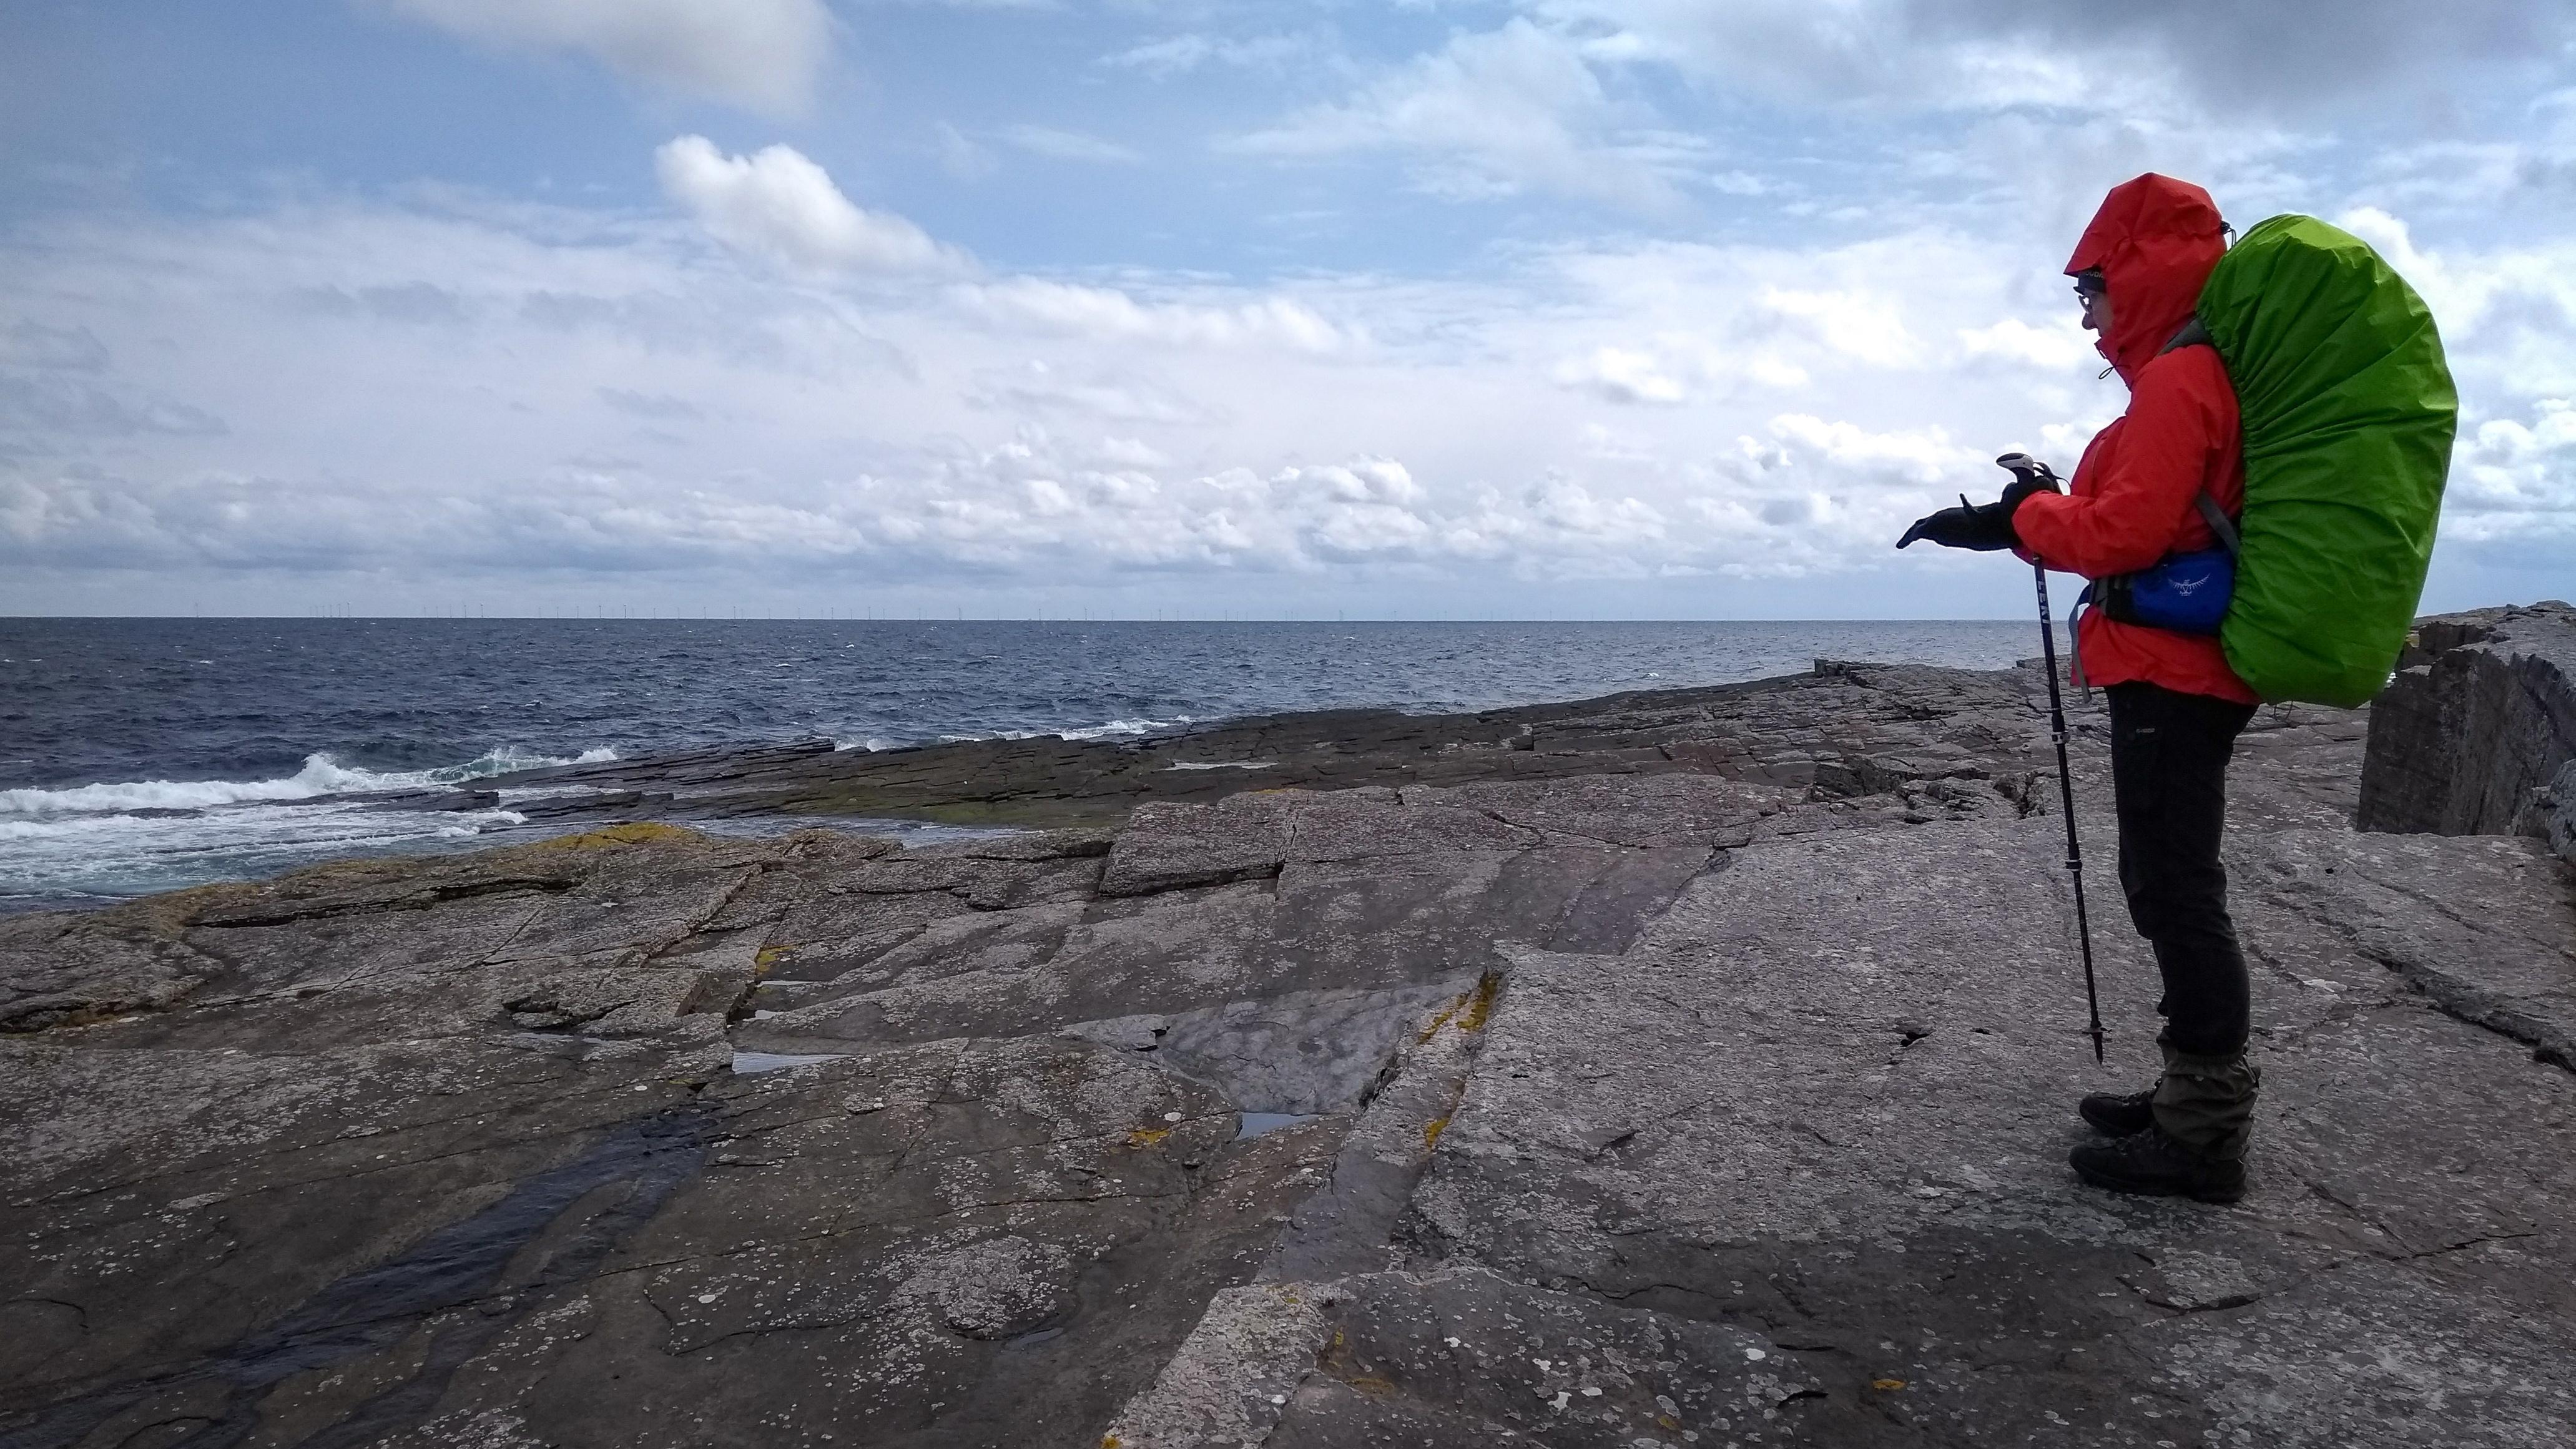 Frau steht mit Rucksack auf einer Felsenplatte am Meer, es ist Windig